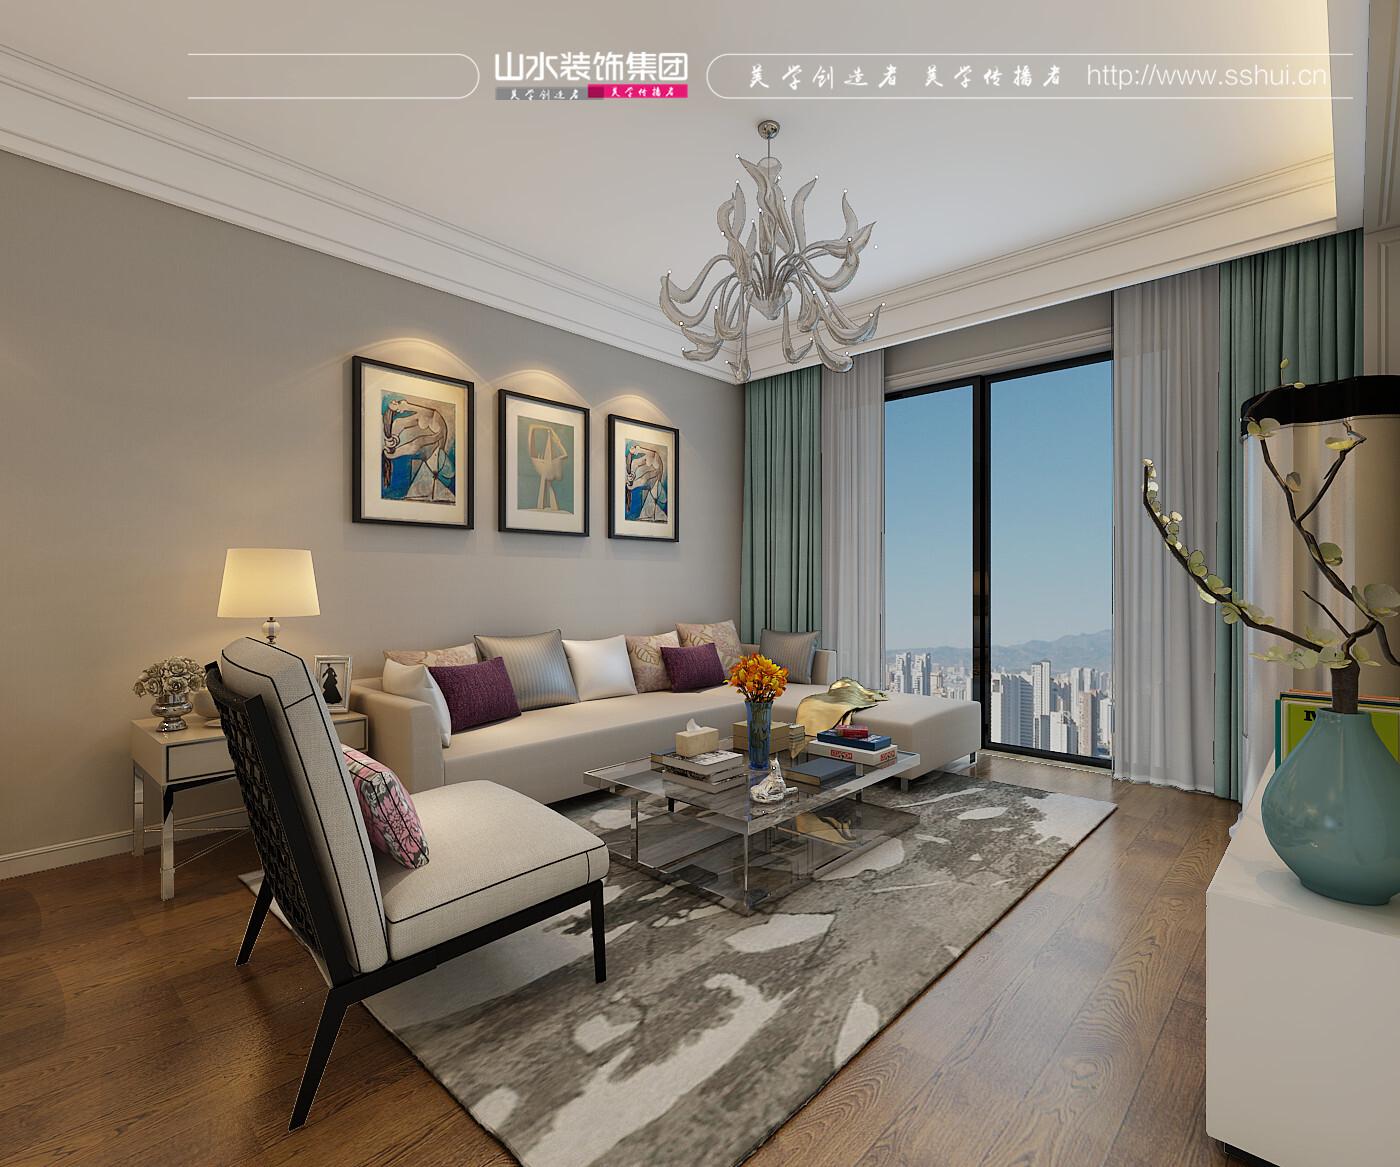 琥珀五環城98平三室兩廳一衛現代風格裝修效果圖